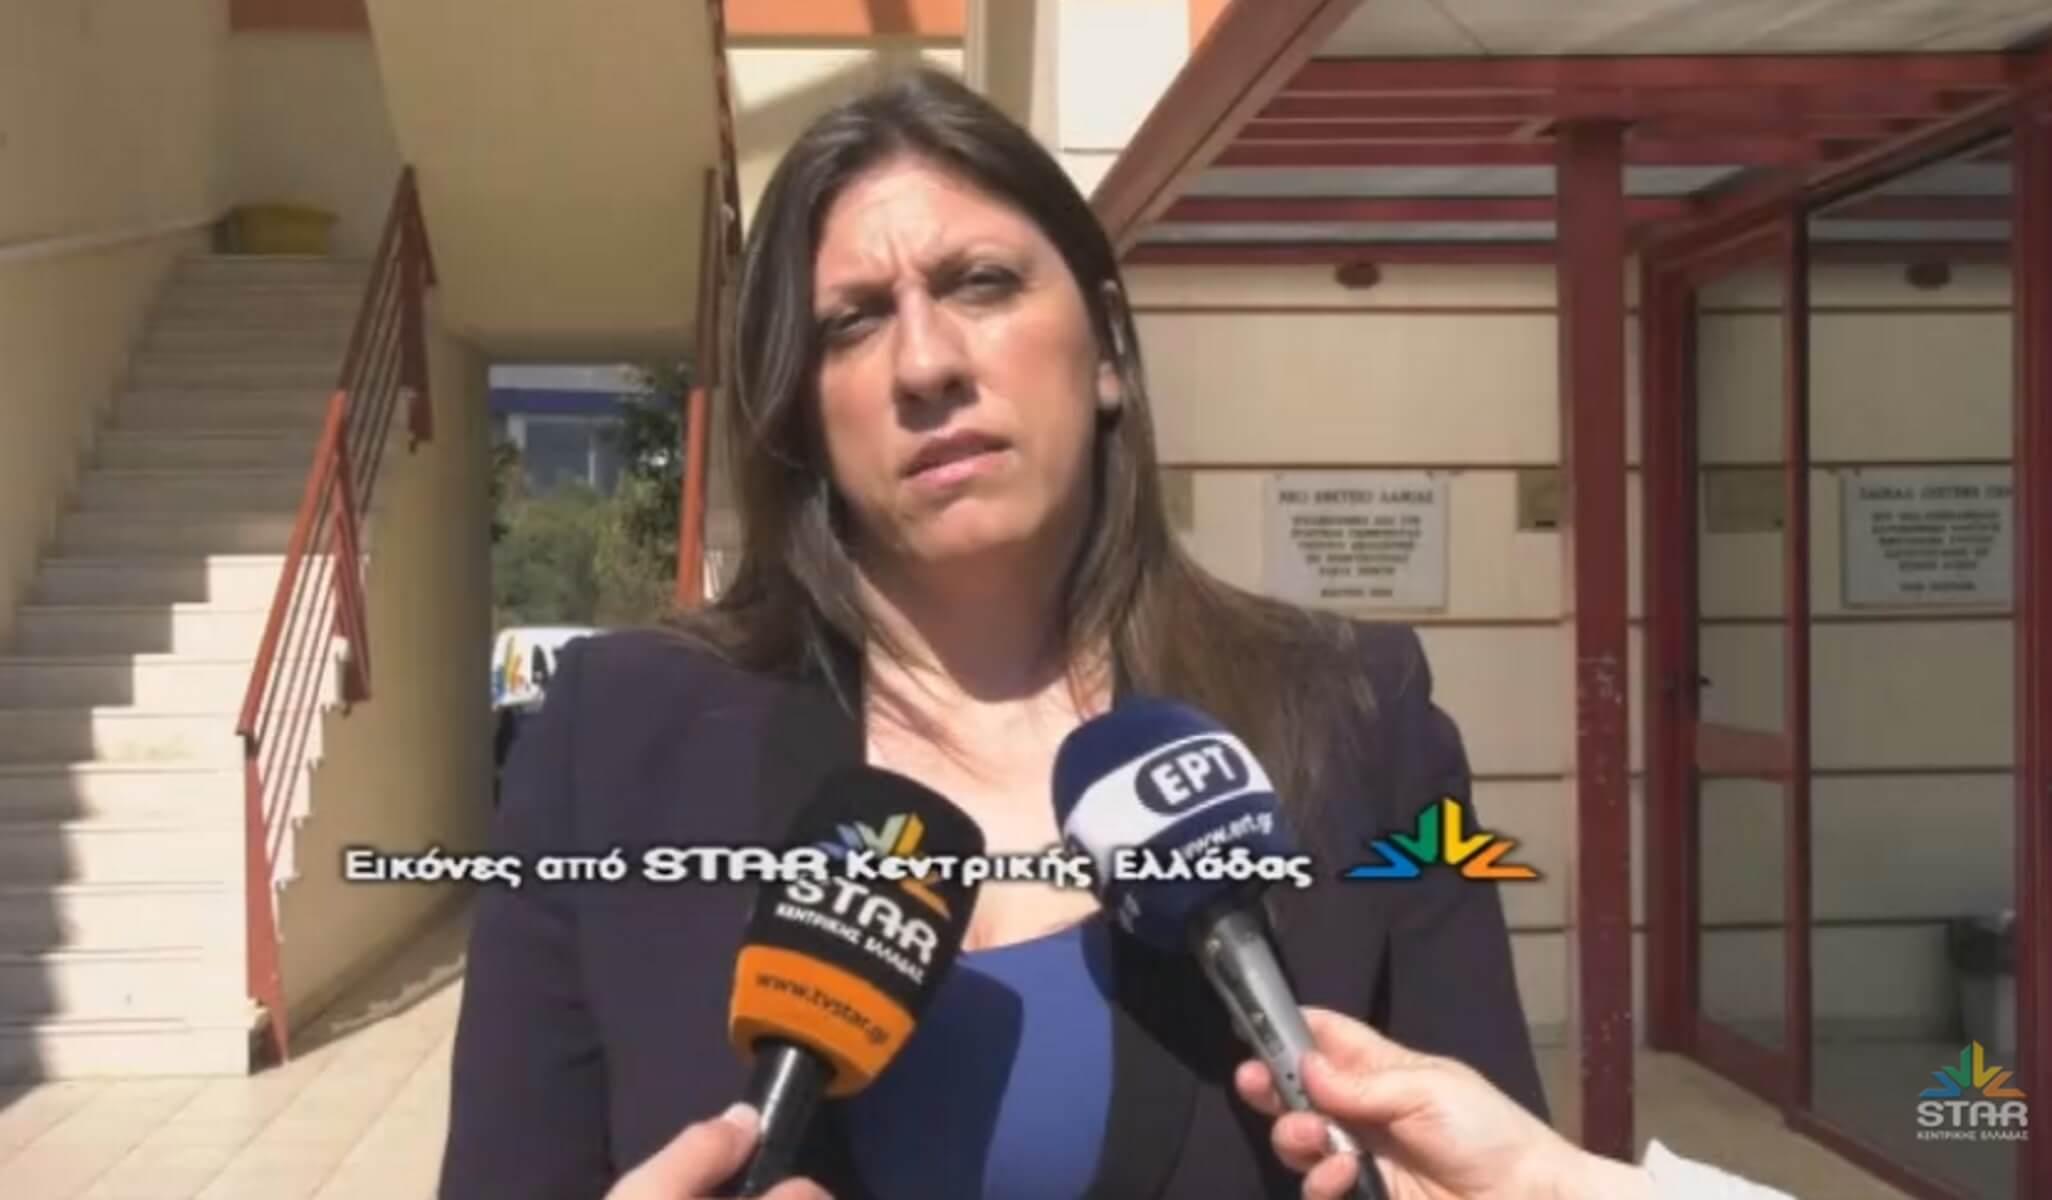 """Δολοφονία Γρηγορόπουλου: """"Δικαστές και ένορκοι θα κληθούν να πάρουν μια ιστορική απόφαση"""""""